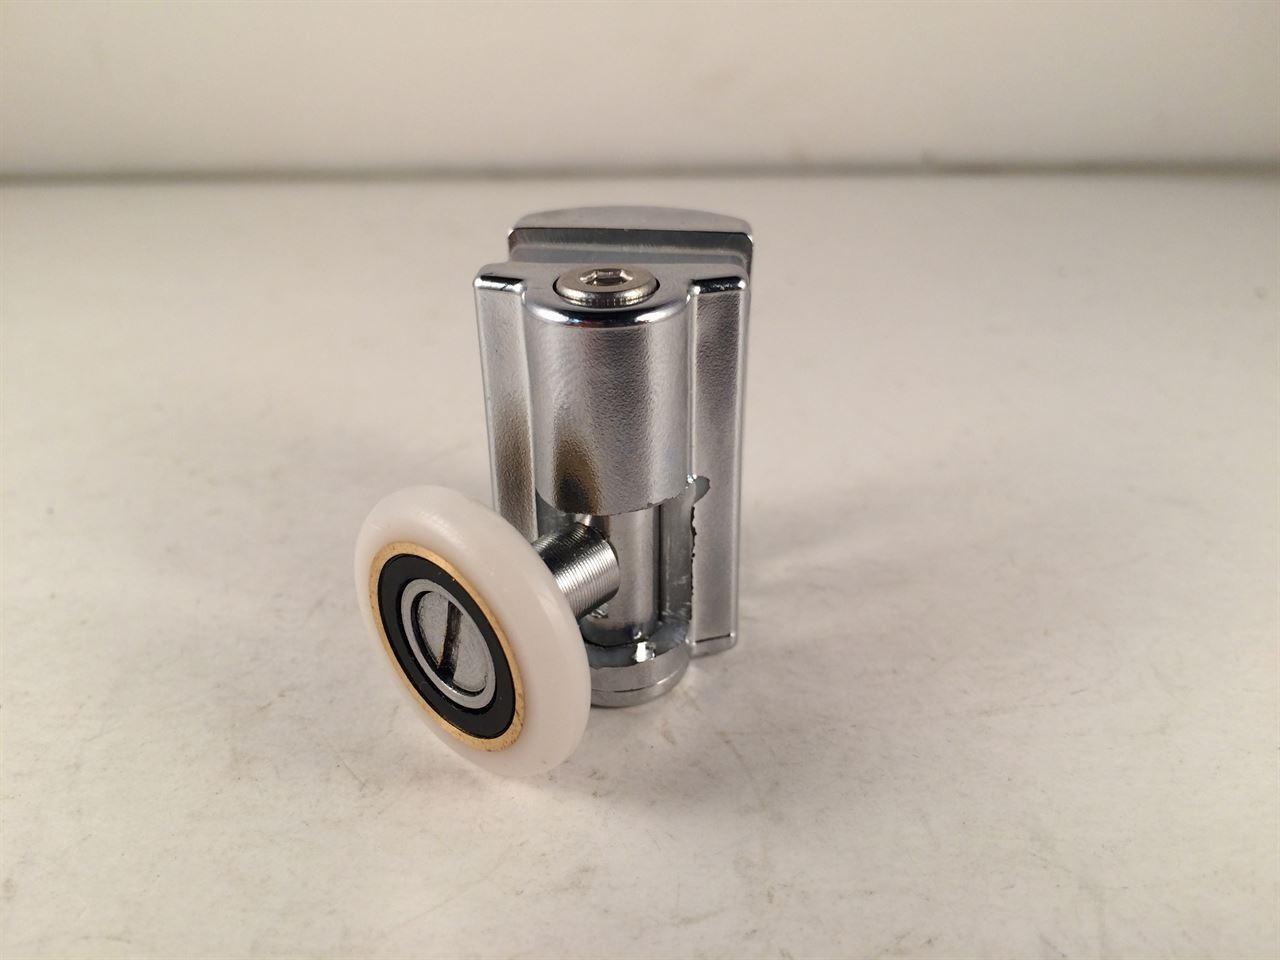 Repuesto rueda superior o inferior por cabaña ducha curva playbox 987655